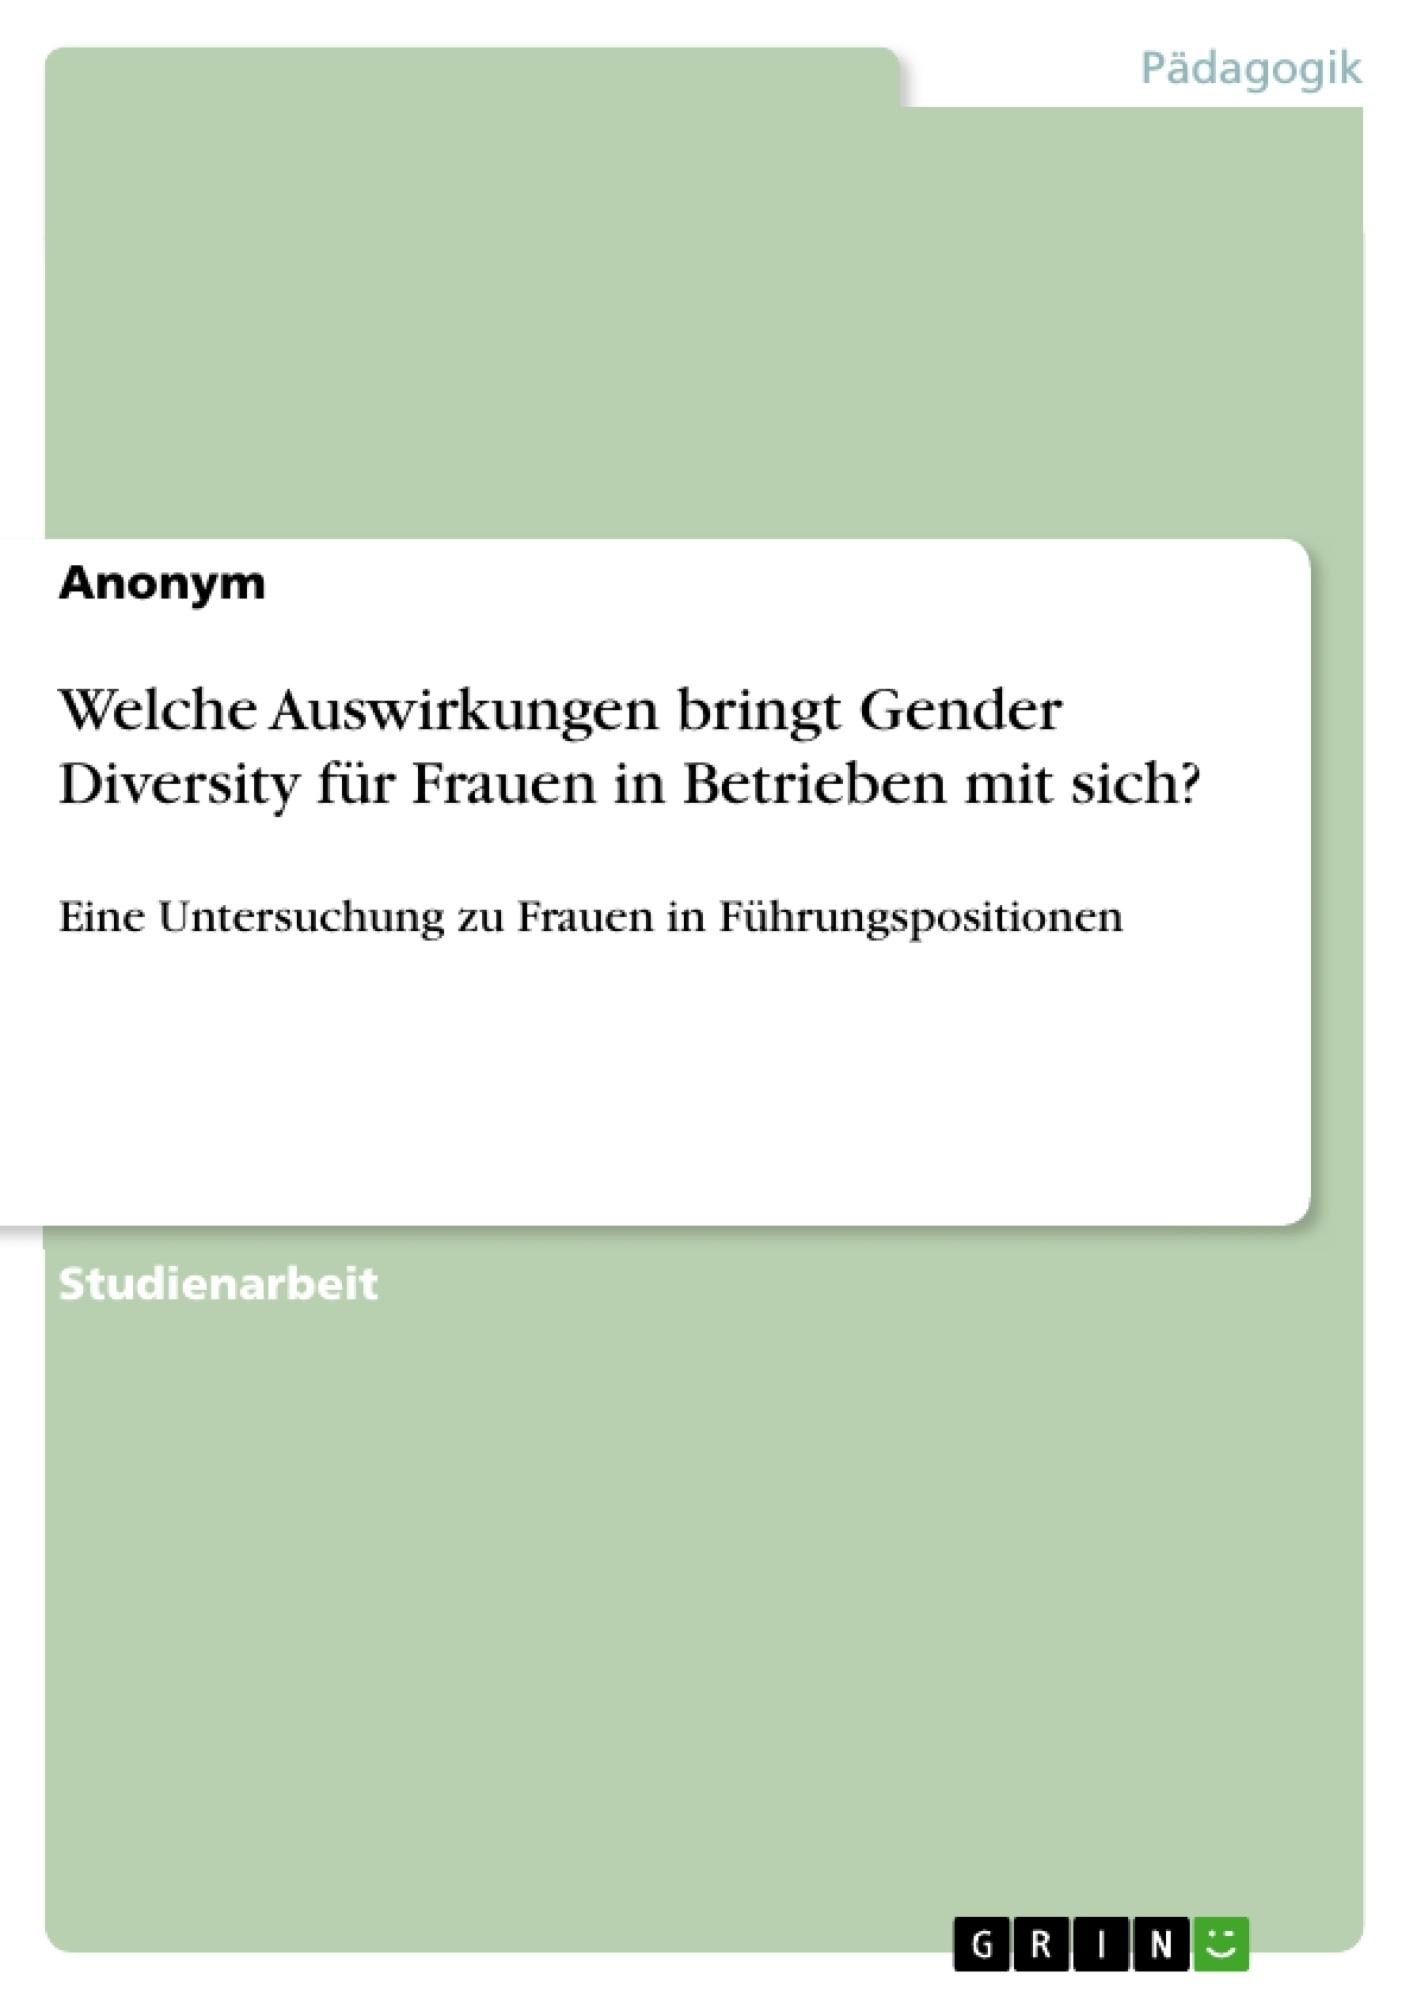 Titel: Welche Auswirkungen bringt Gender Diversity für Frauen in Betrieben mit sich?